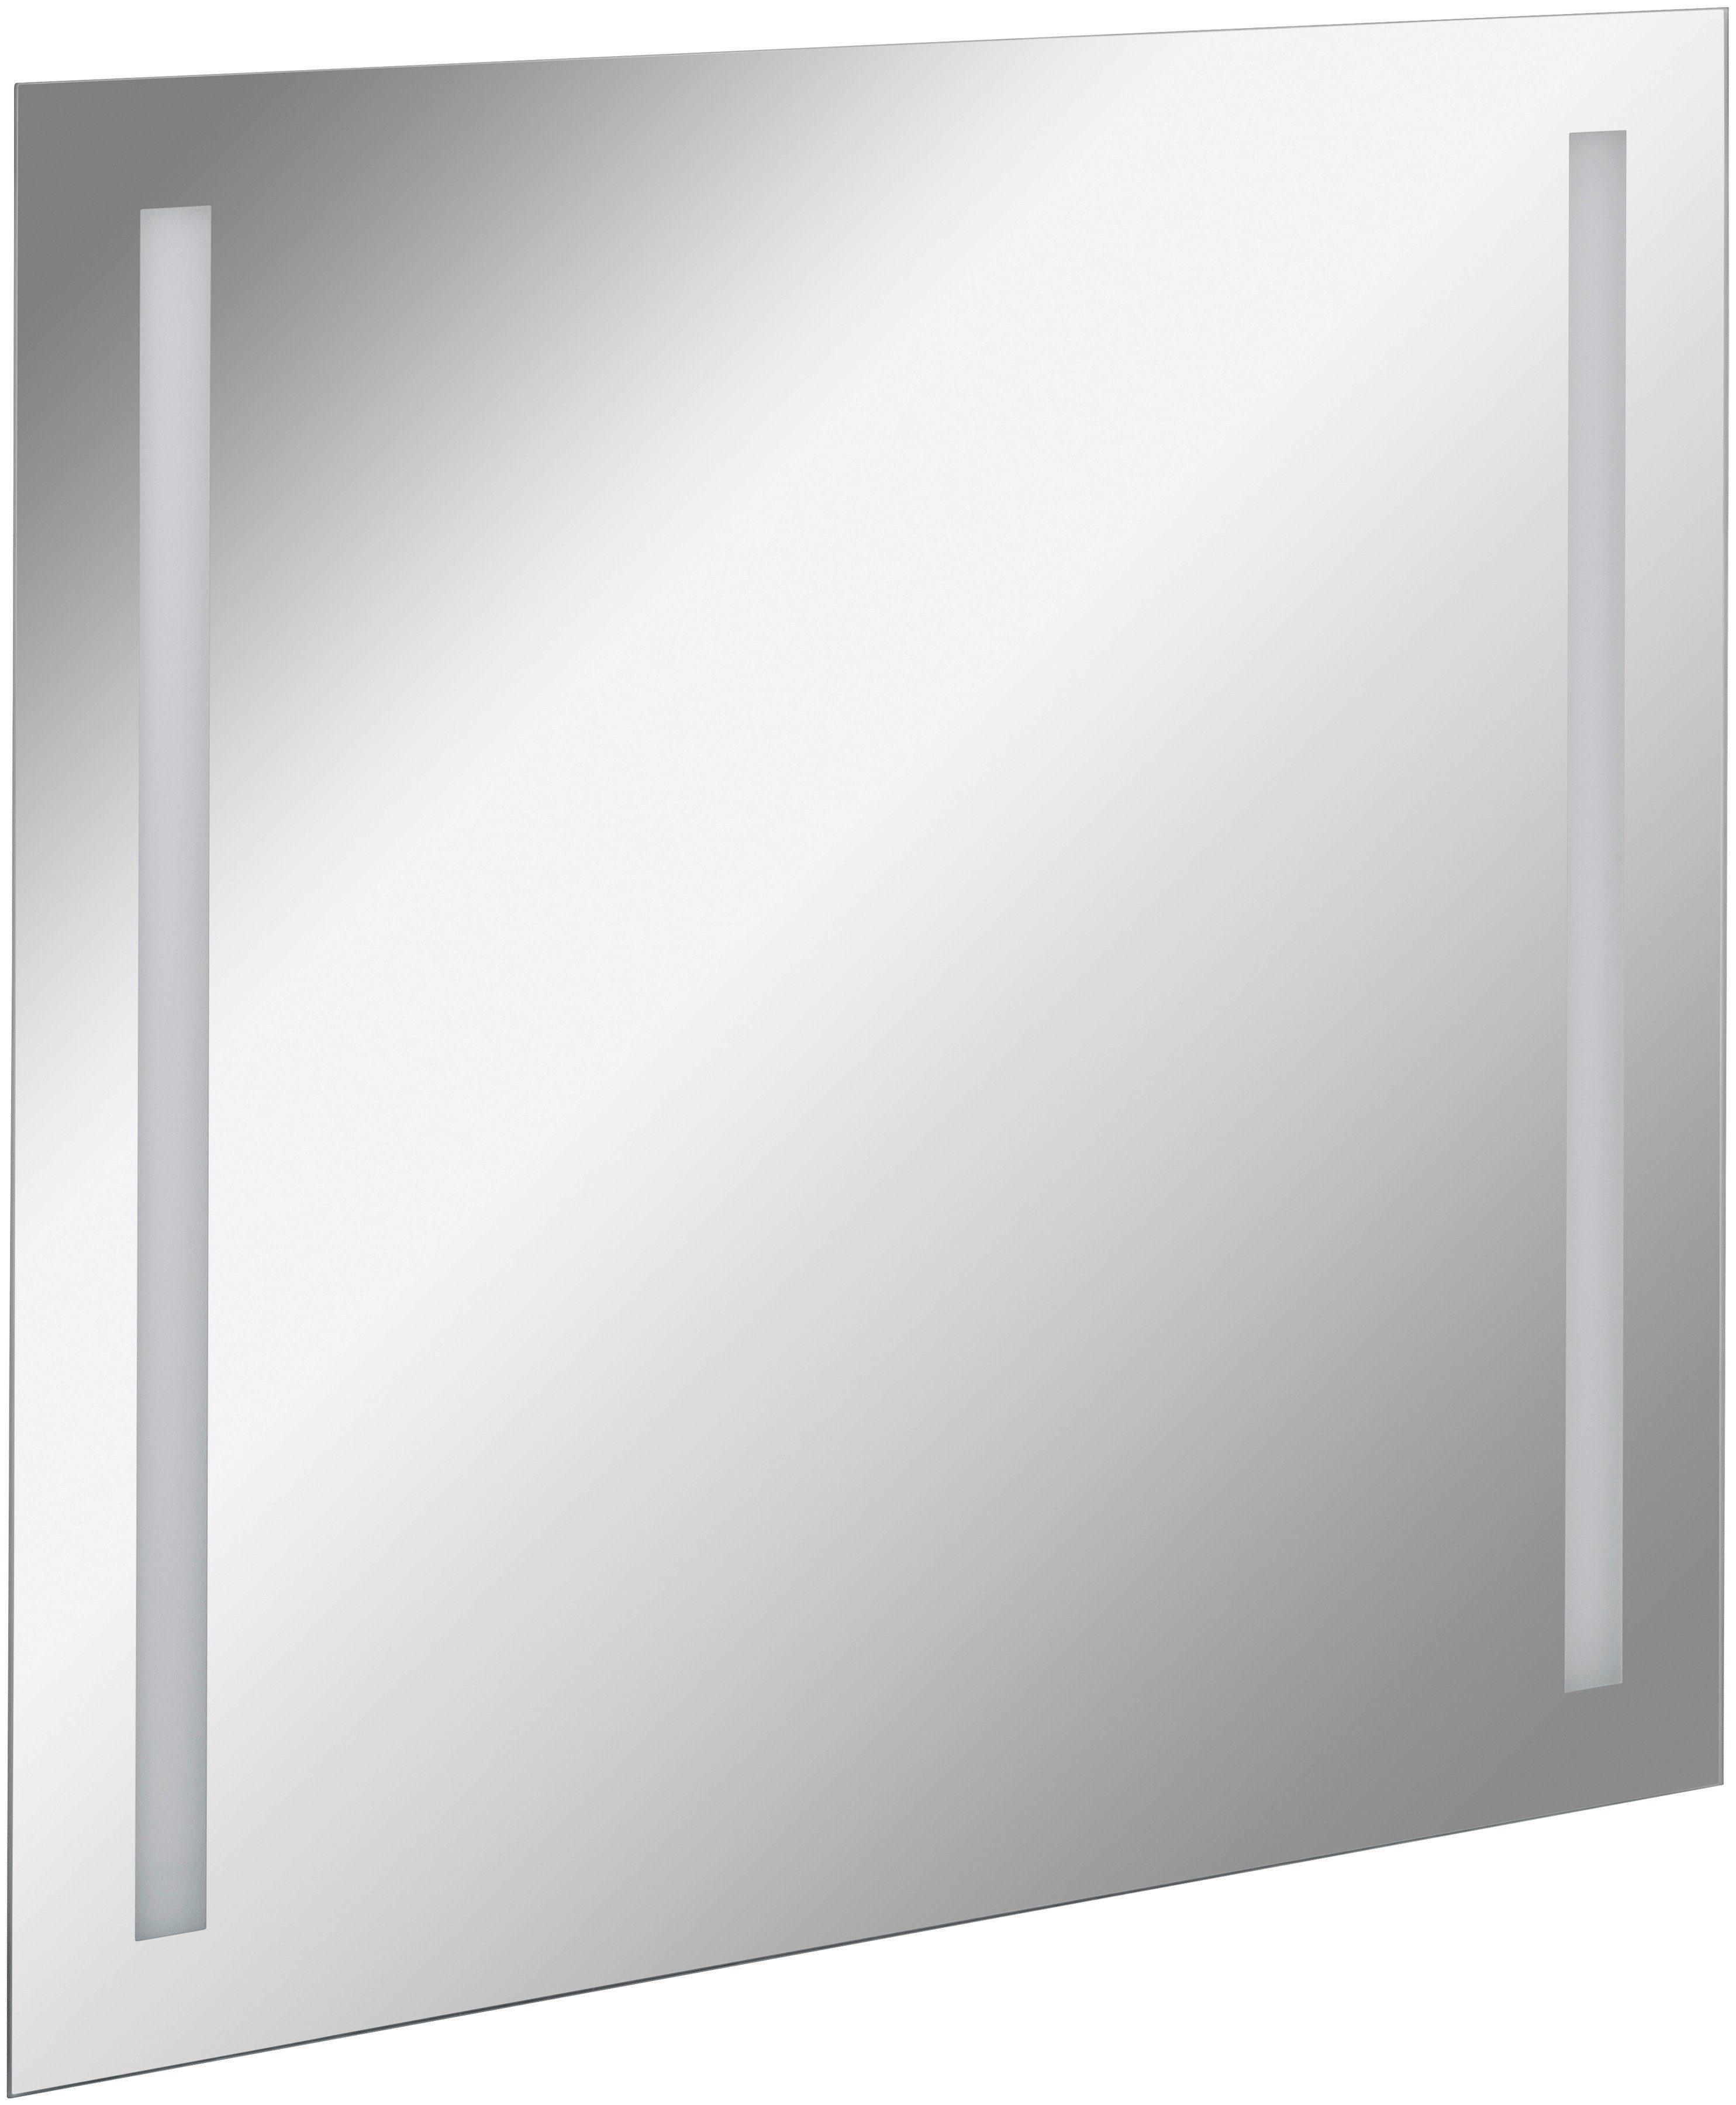 FACKELMANN Spiegelelement »LINEAR«, Breite 80 cm